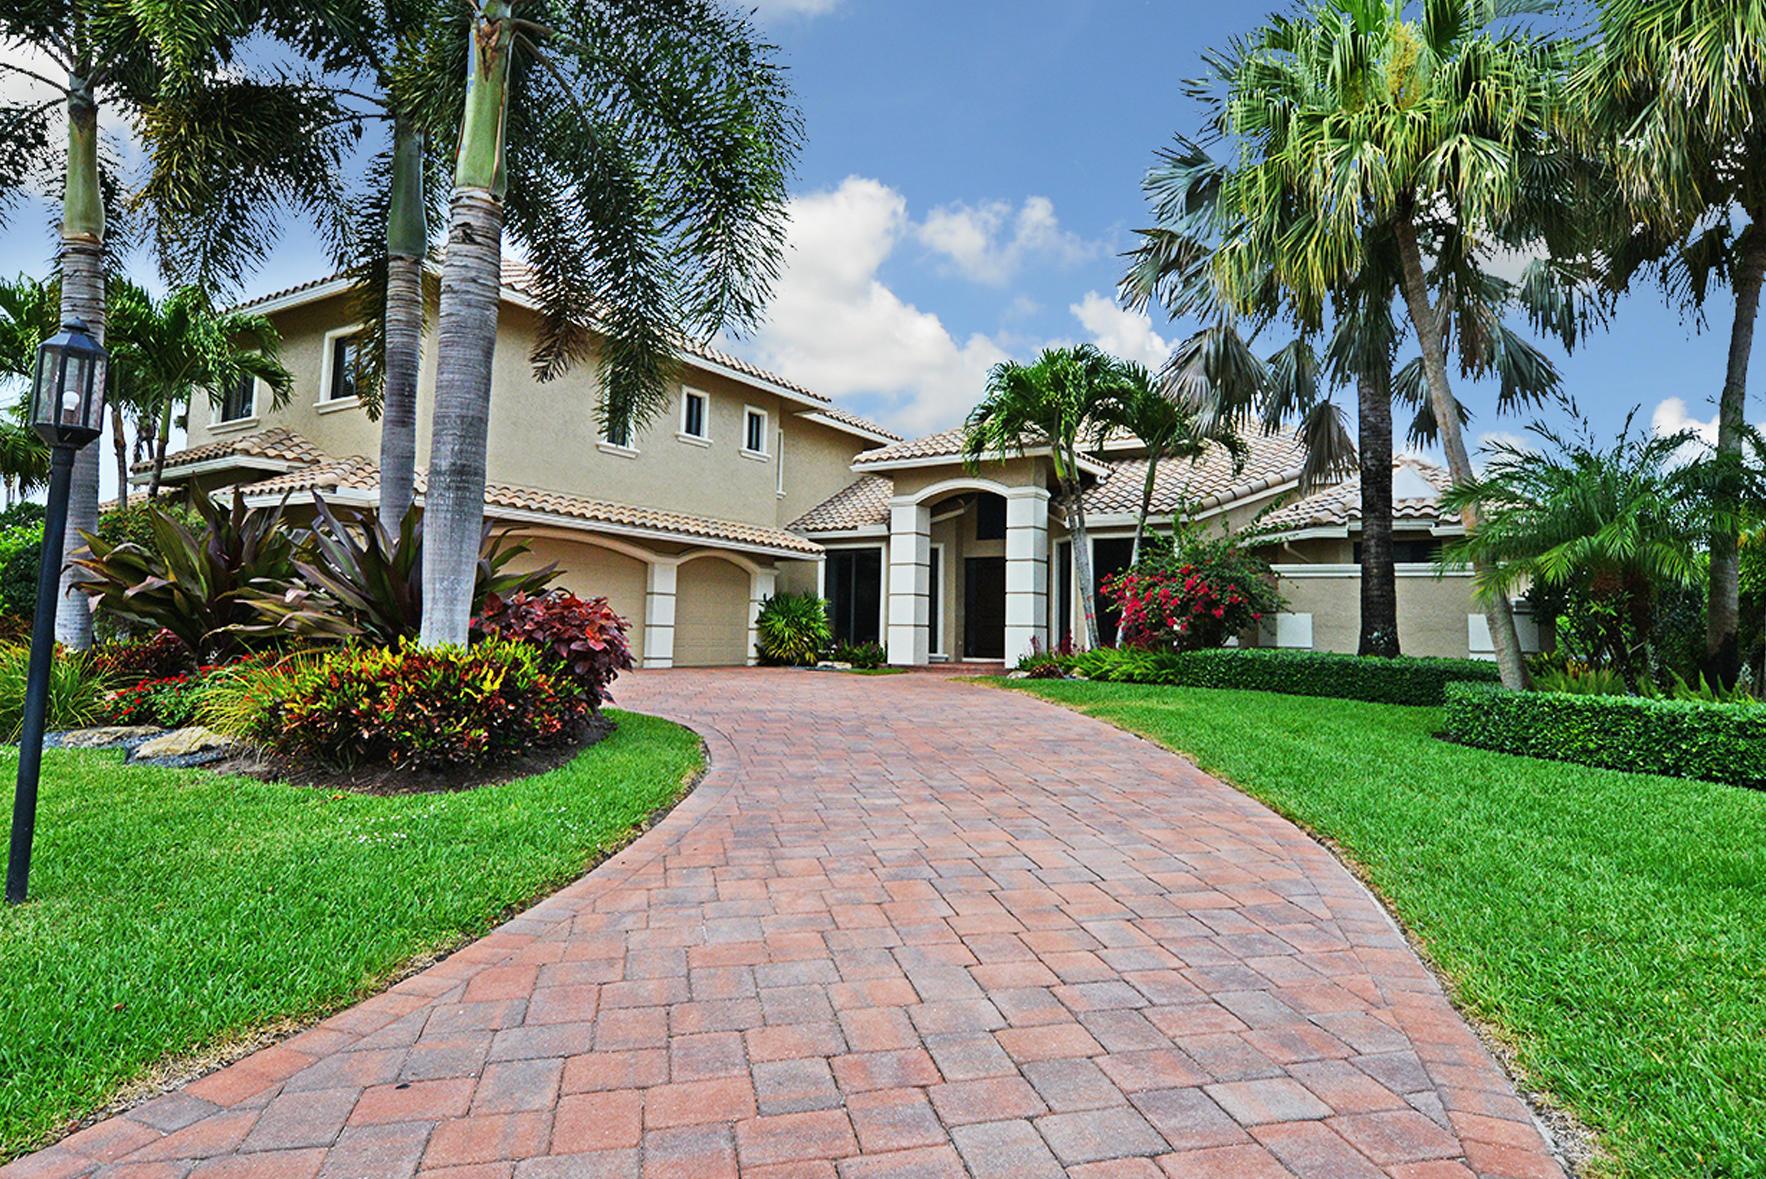 7243 Valencia Drive  Boca Raton, FL 33433